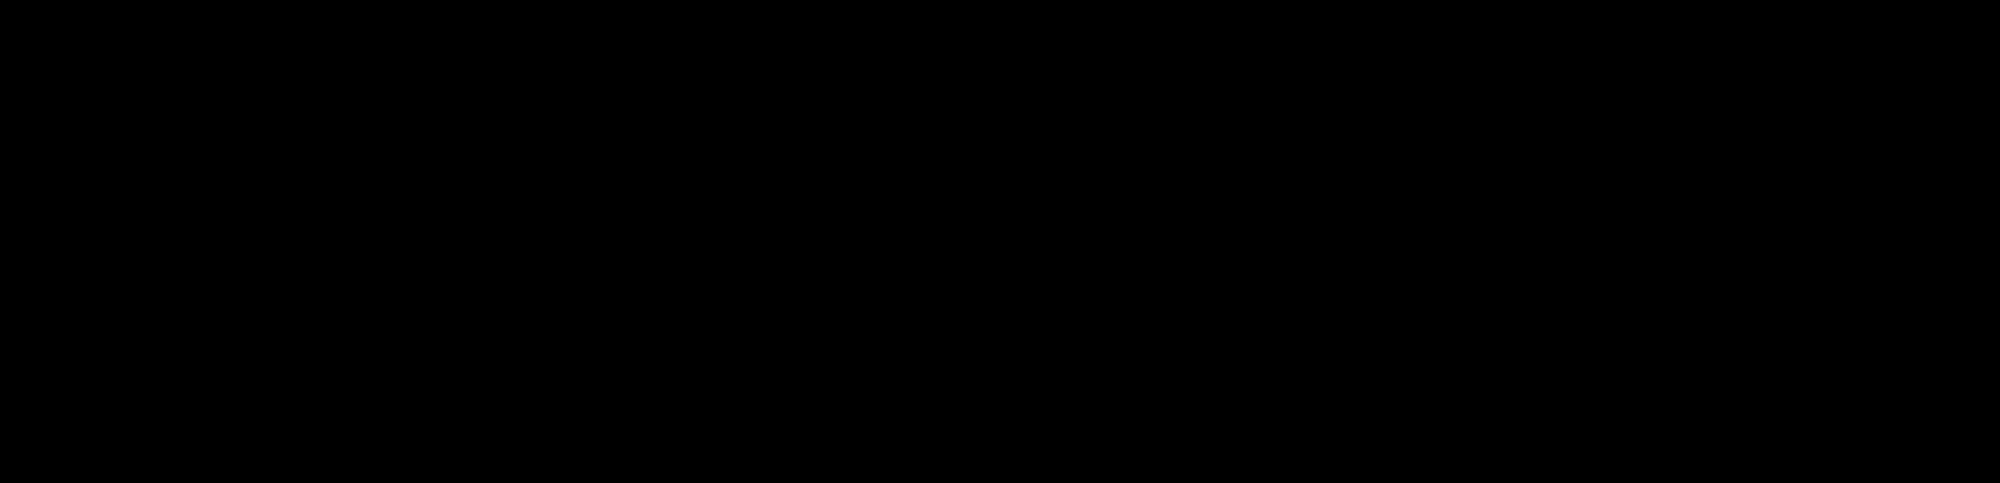 ThrashMetalShow.com-logo.png